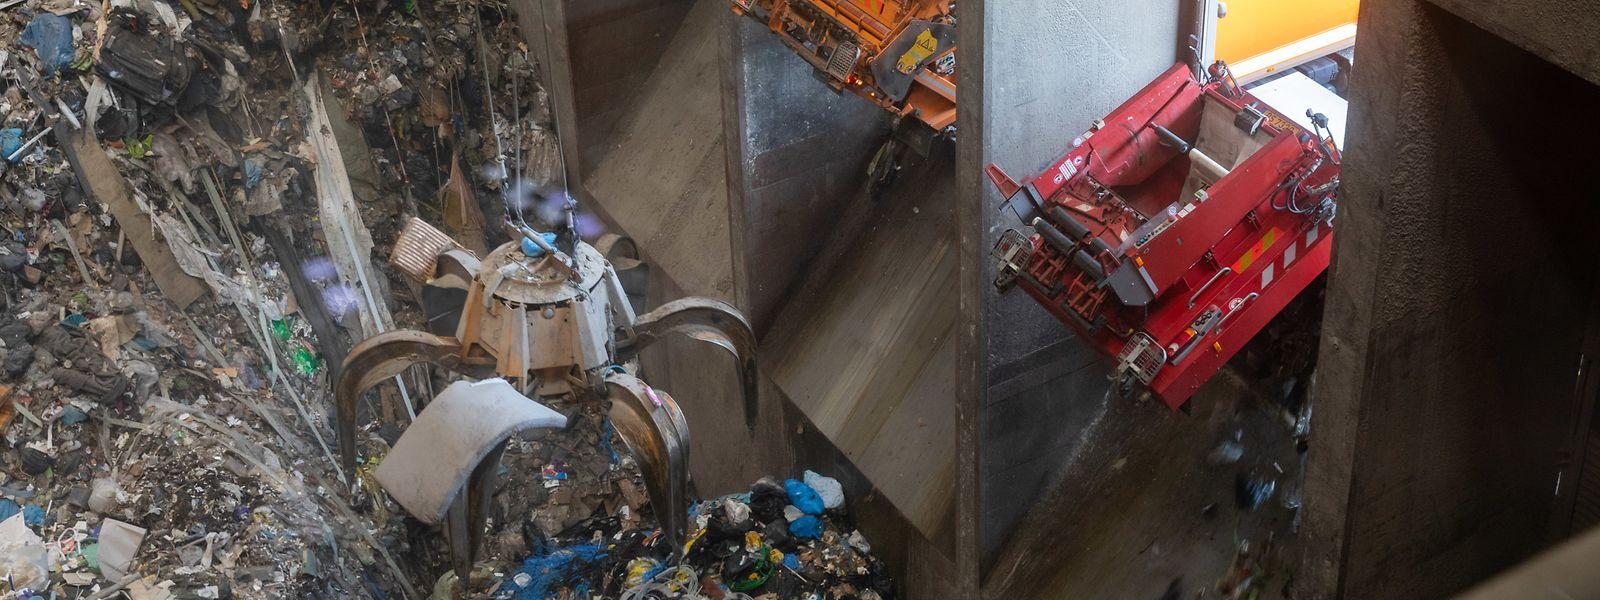 En une semaine, près de 7.000 tonnes de déchets en tous genres sont arrivés au centre de traitement.